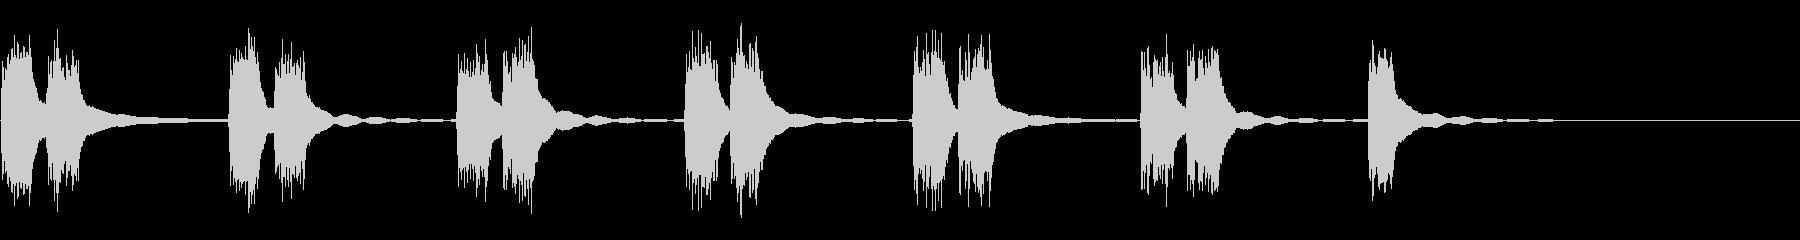 ビンテージプッシュボタン電話:ダブ...の未再生の波形